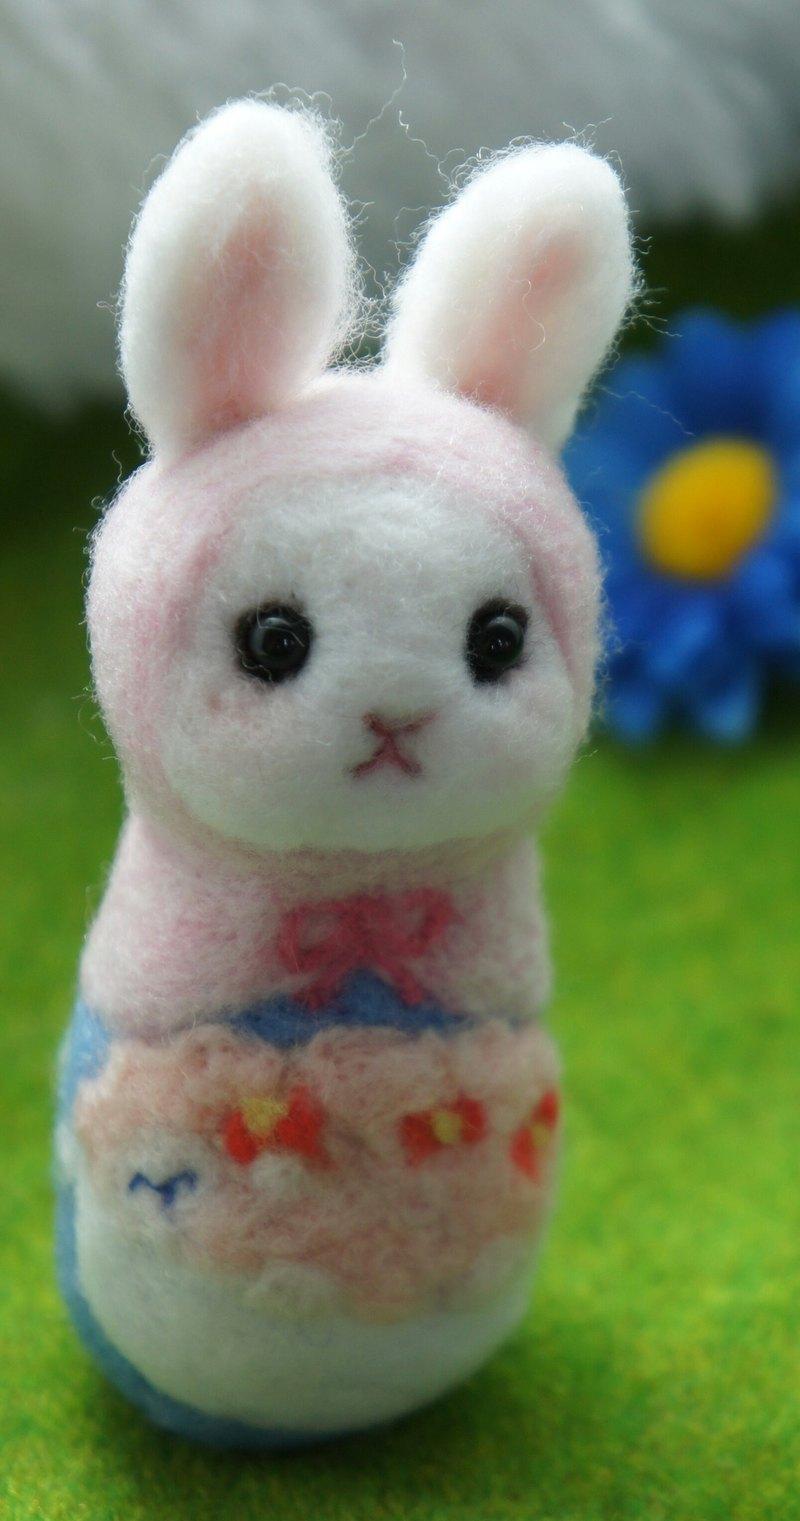 羊毛氈雲上小羊俄羅斯娃娃 訂製